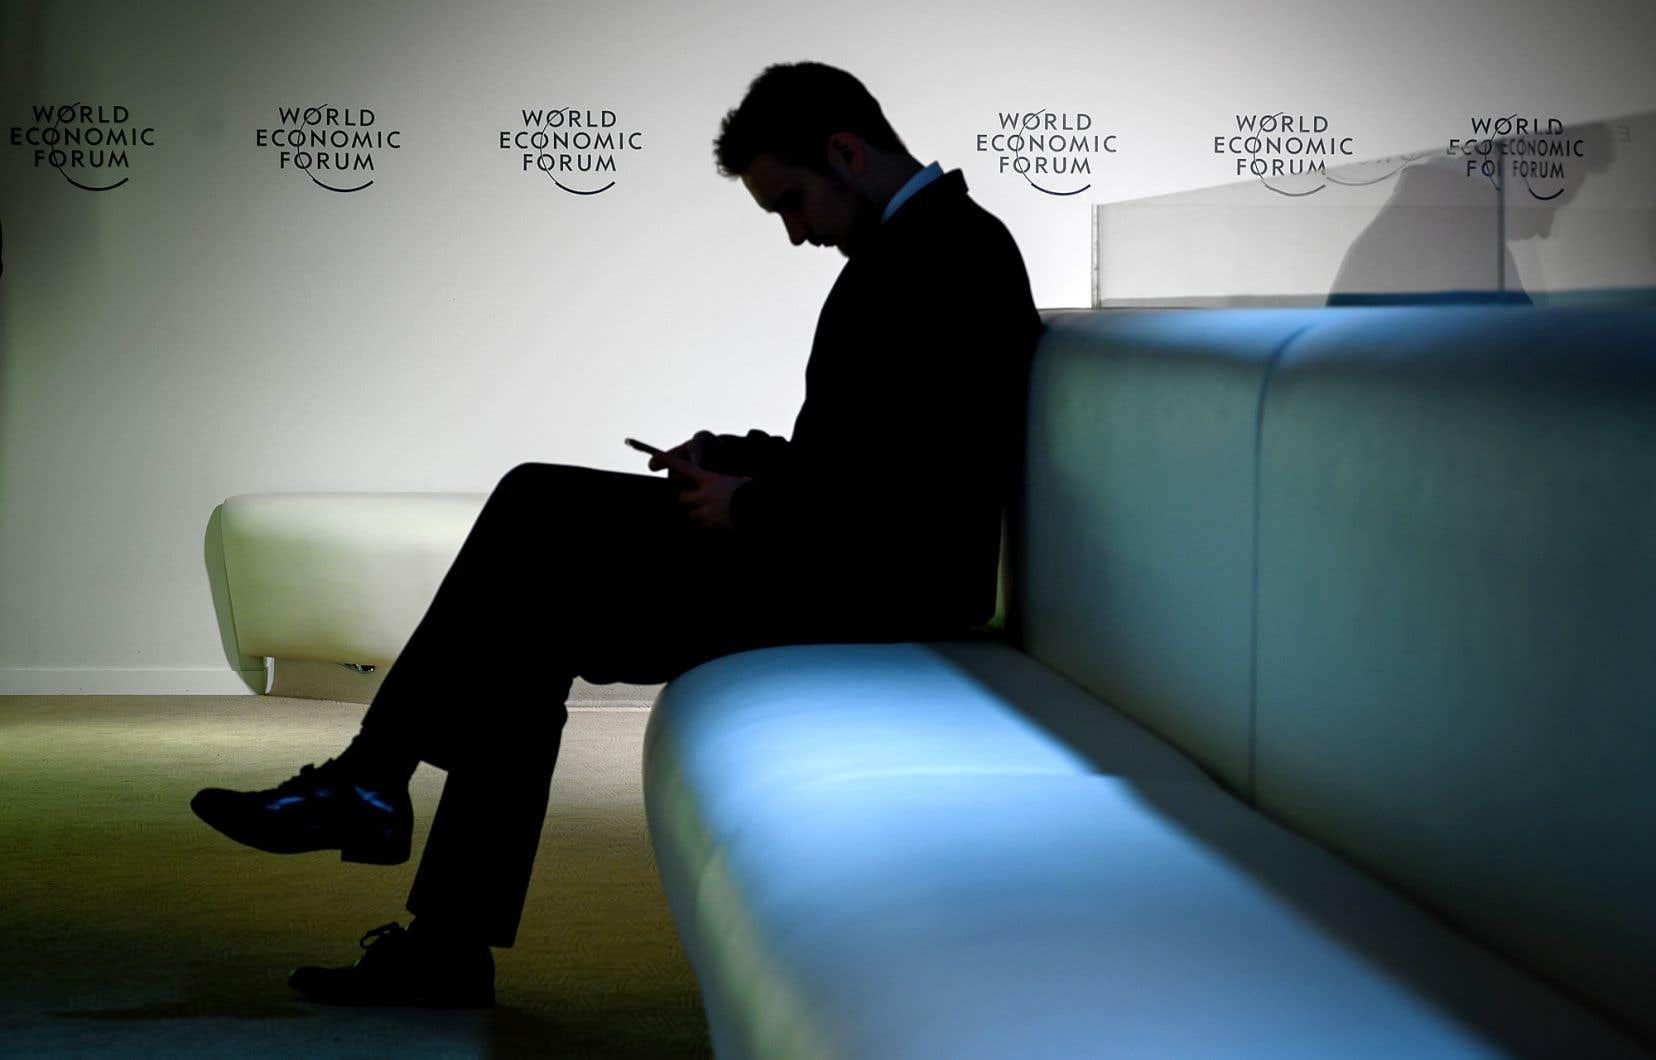 Les chefs des multinationales composaient environ les deux tiers des 3000 participants au Forum de Davos.